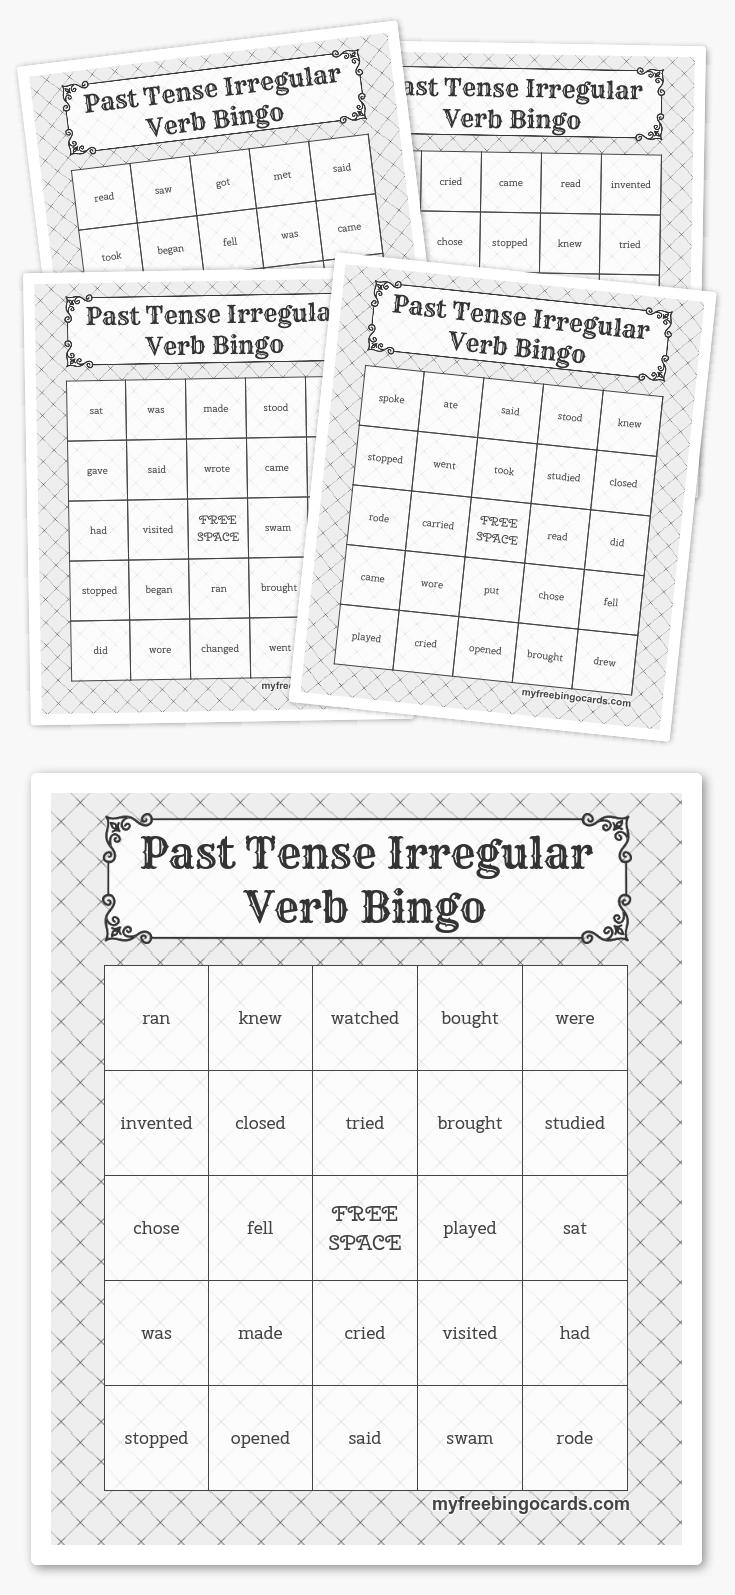 Past Tense Irregular Verb Bingo | Language Arts | Pinterest ...